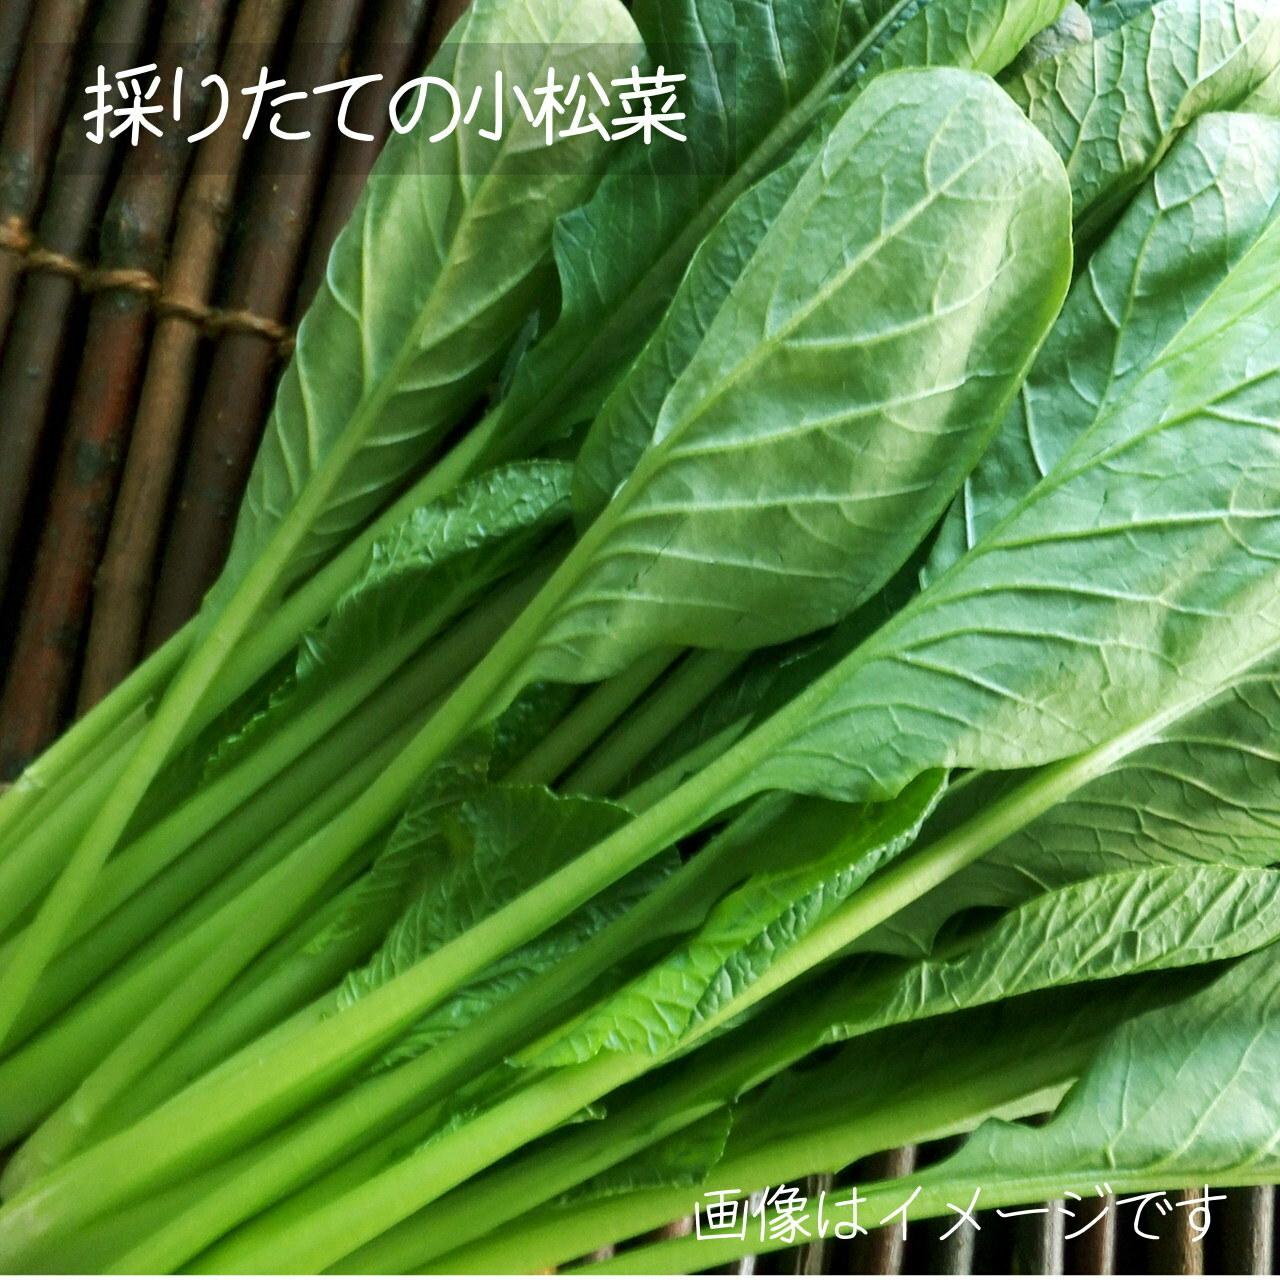 6月の朝採り直売野菜 : 小松菜 約200g 春の新鮮野菜 6月6日発送予定